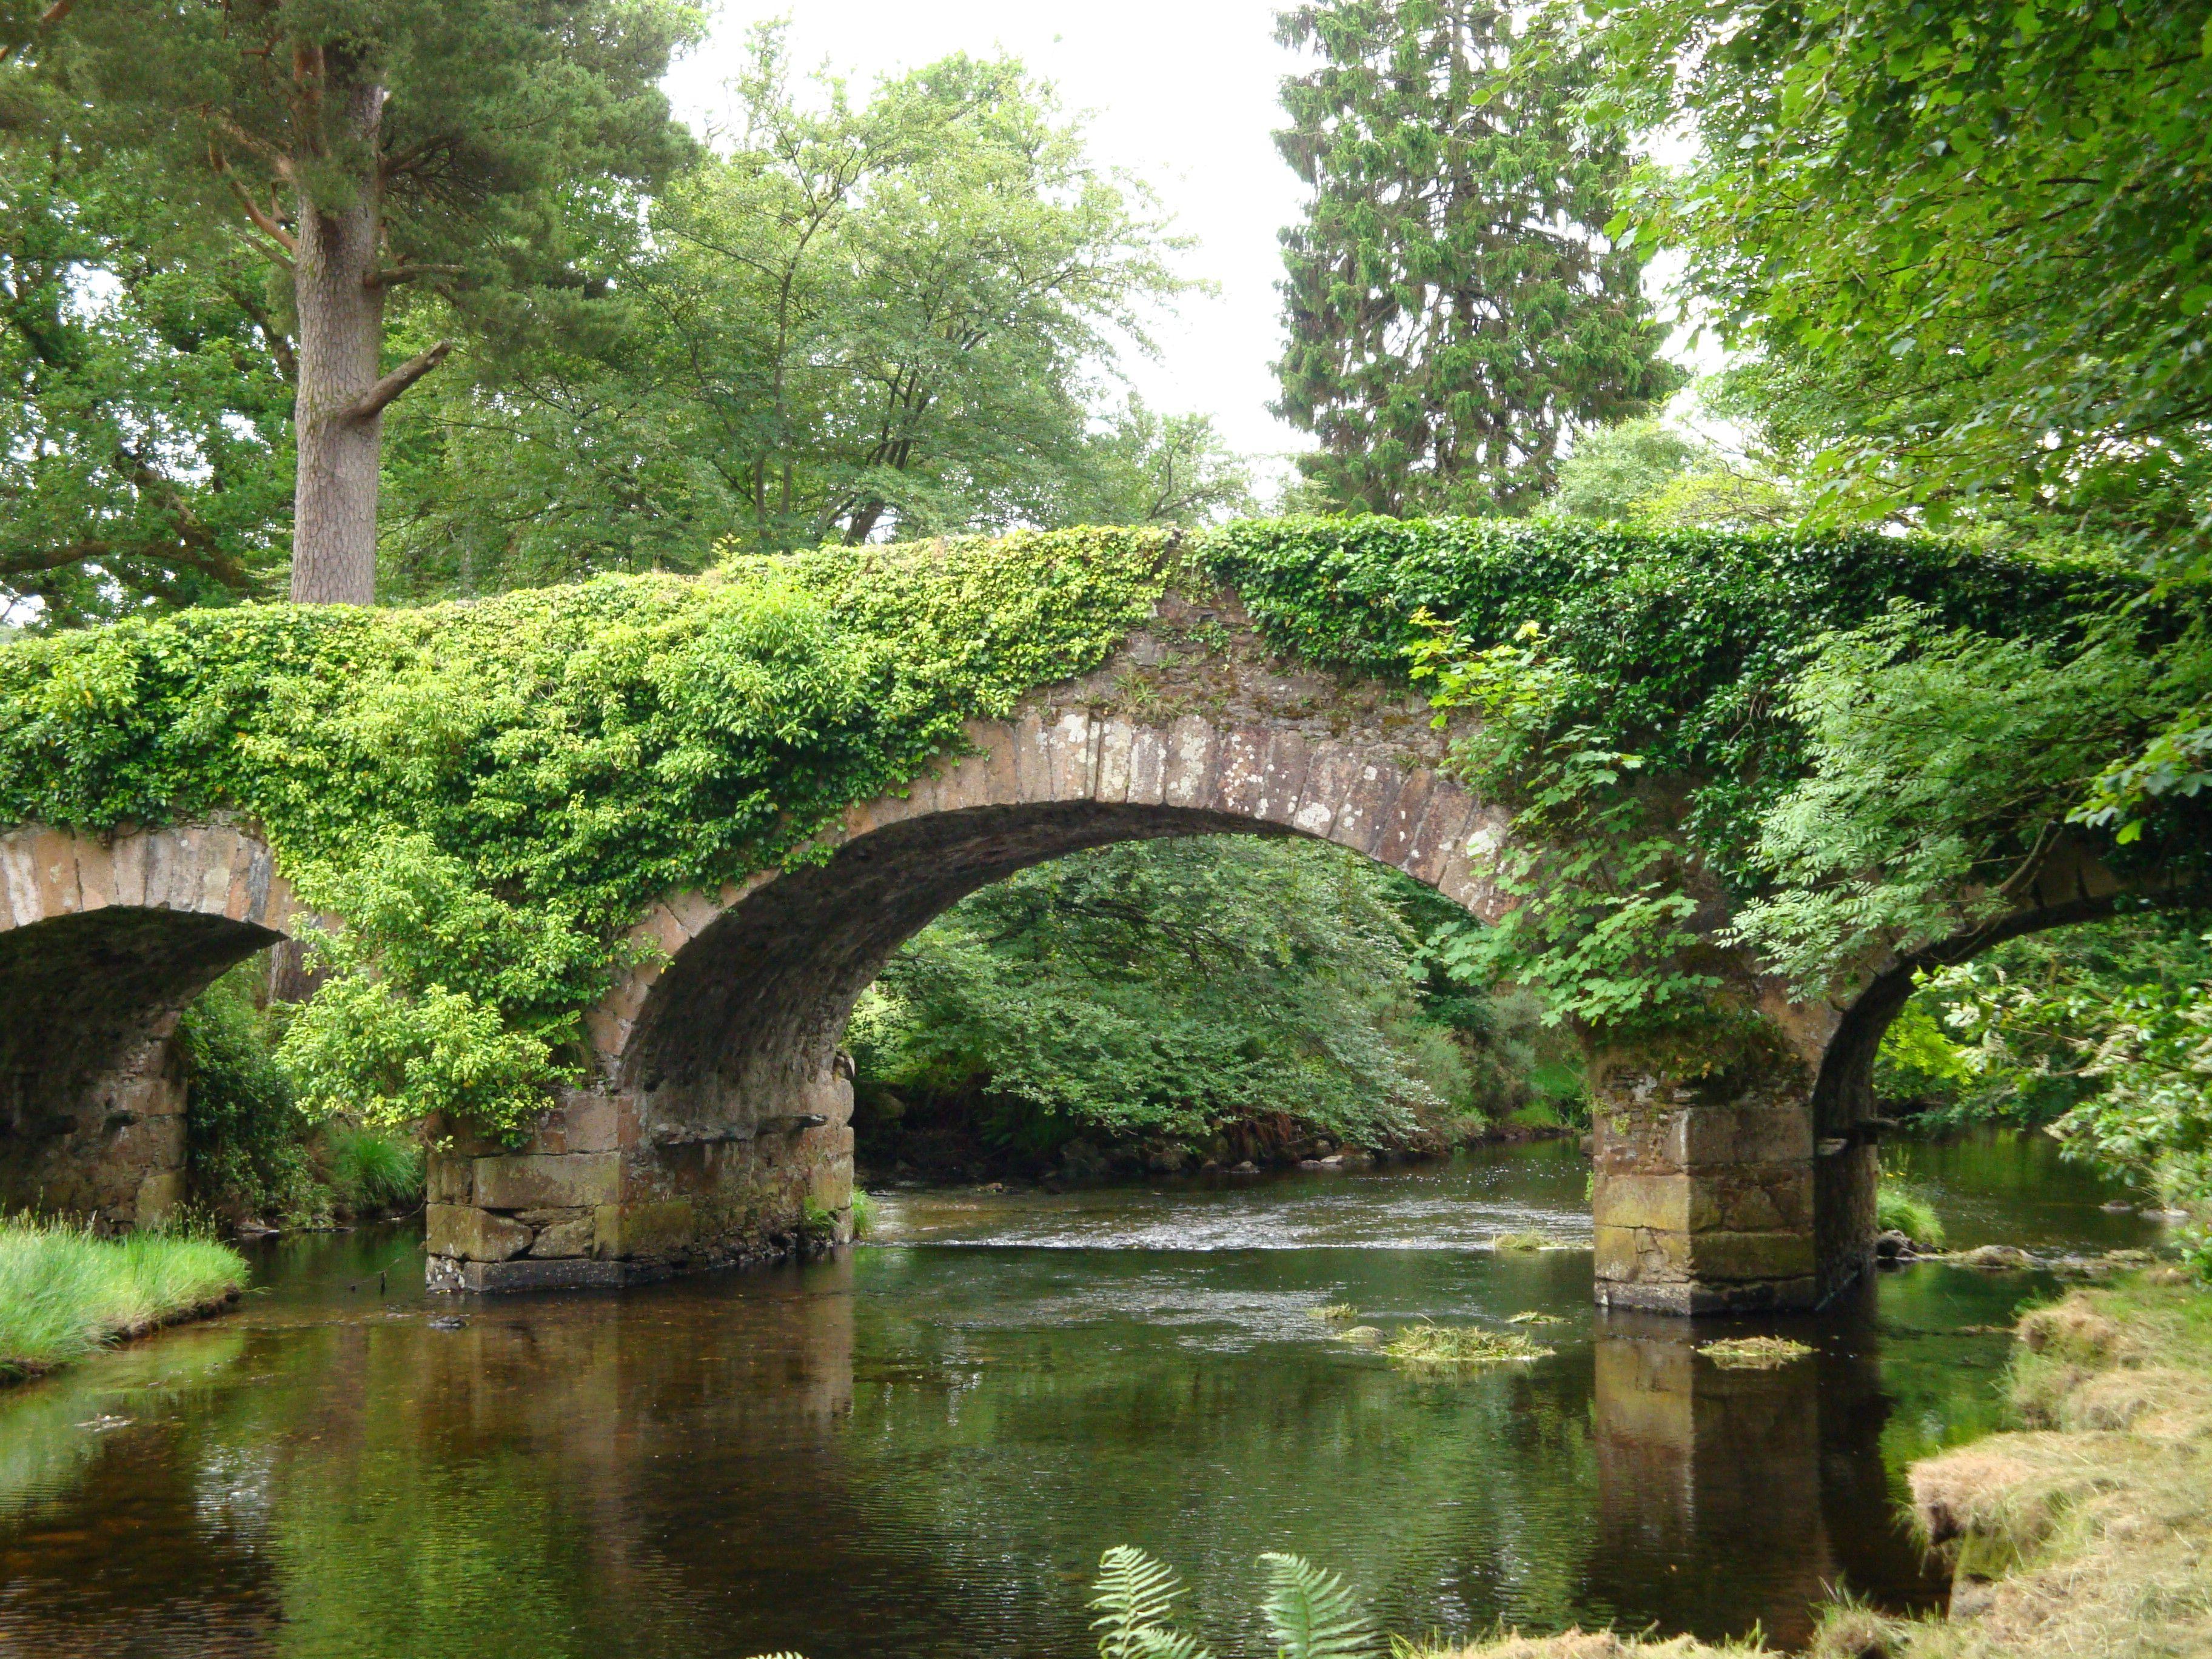 Derrybawn Bridge On The Glendassan River In County Wicklow